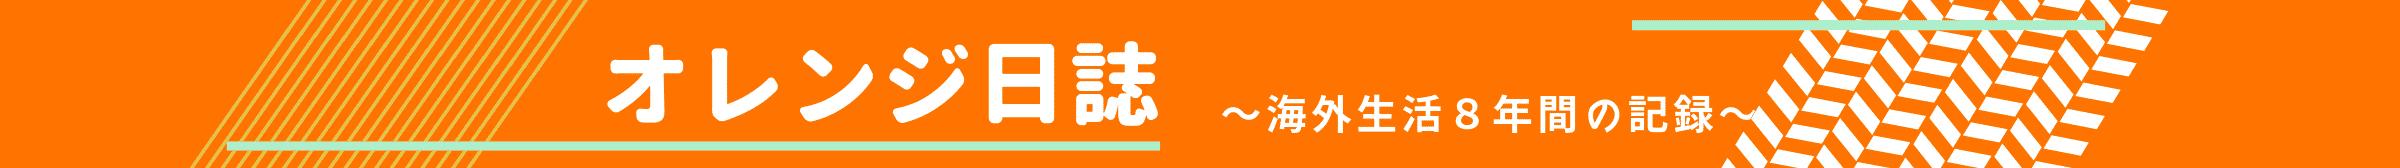 オレンジ日誌